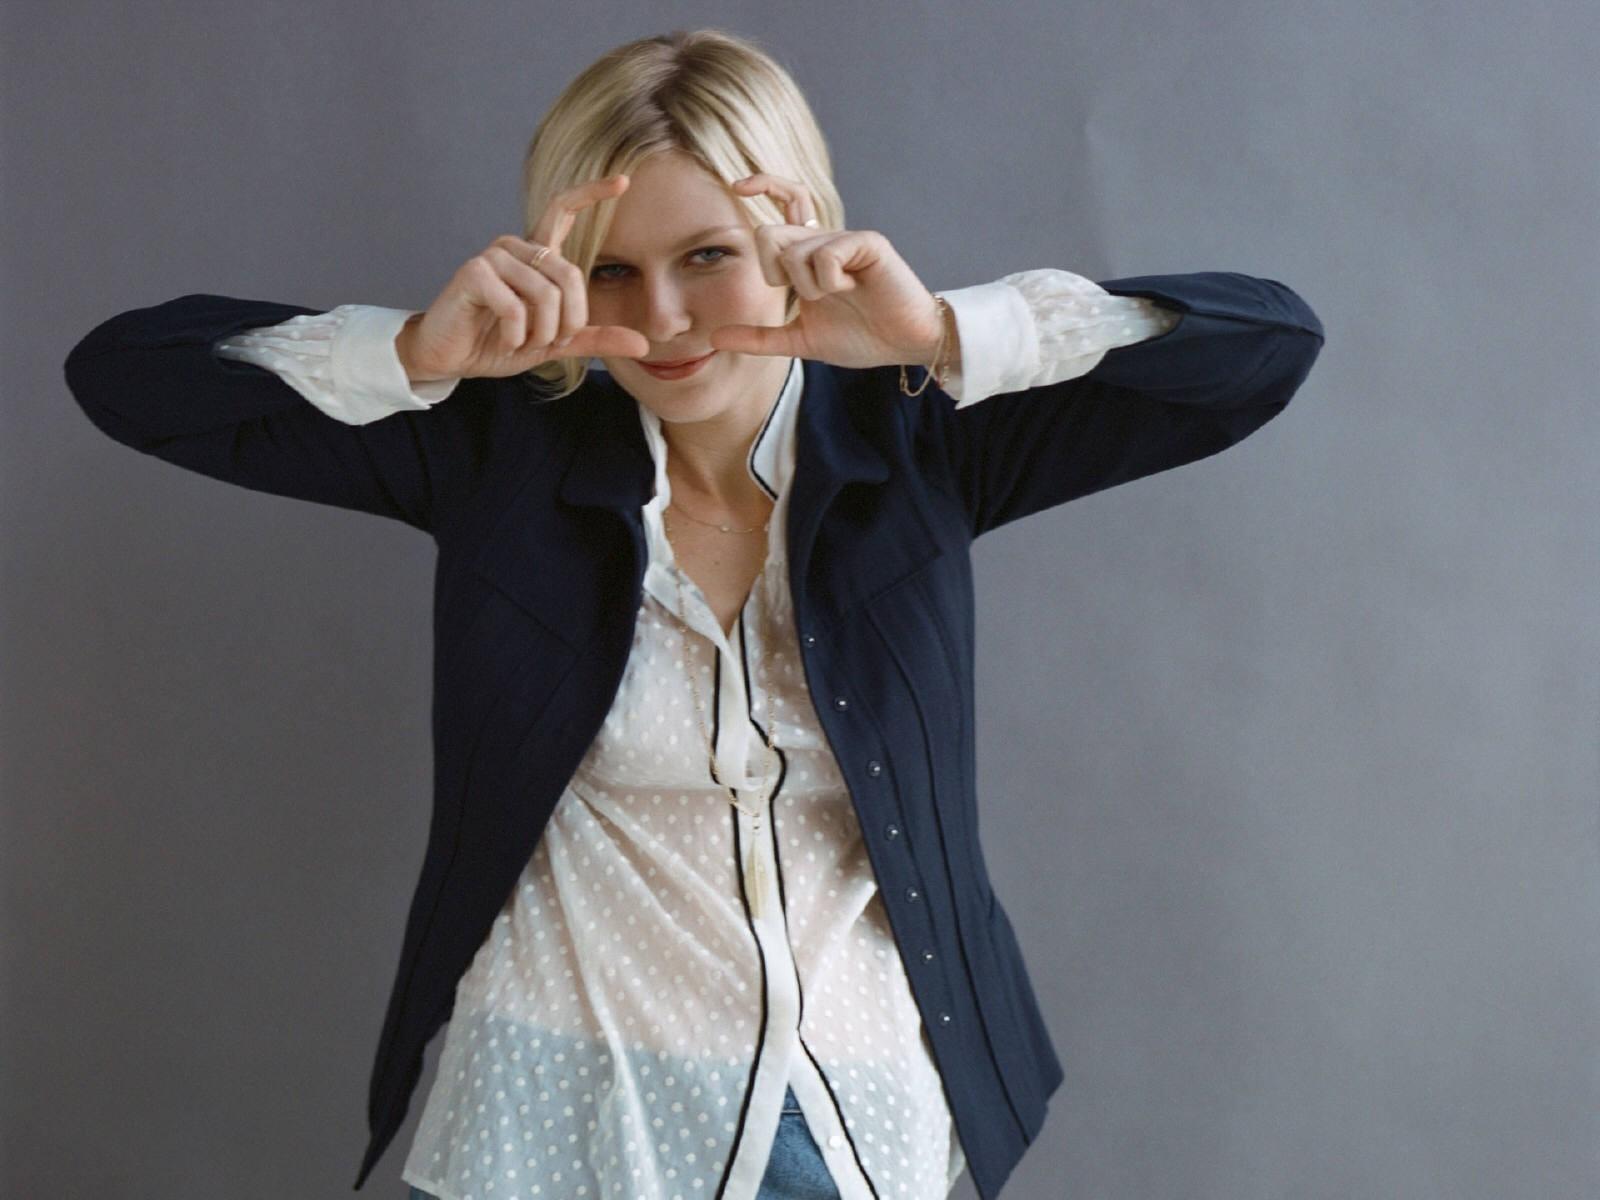 Wallpaper di Kirsten Dunst, ex-bimba prodigio, star del franchise di Spider Man